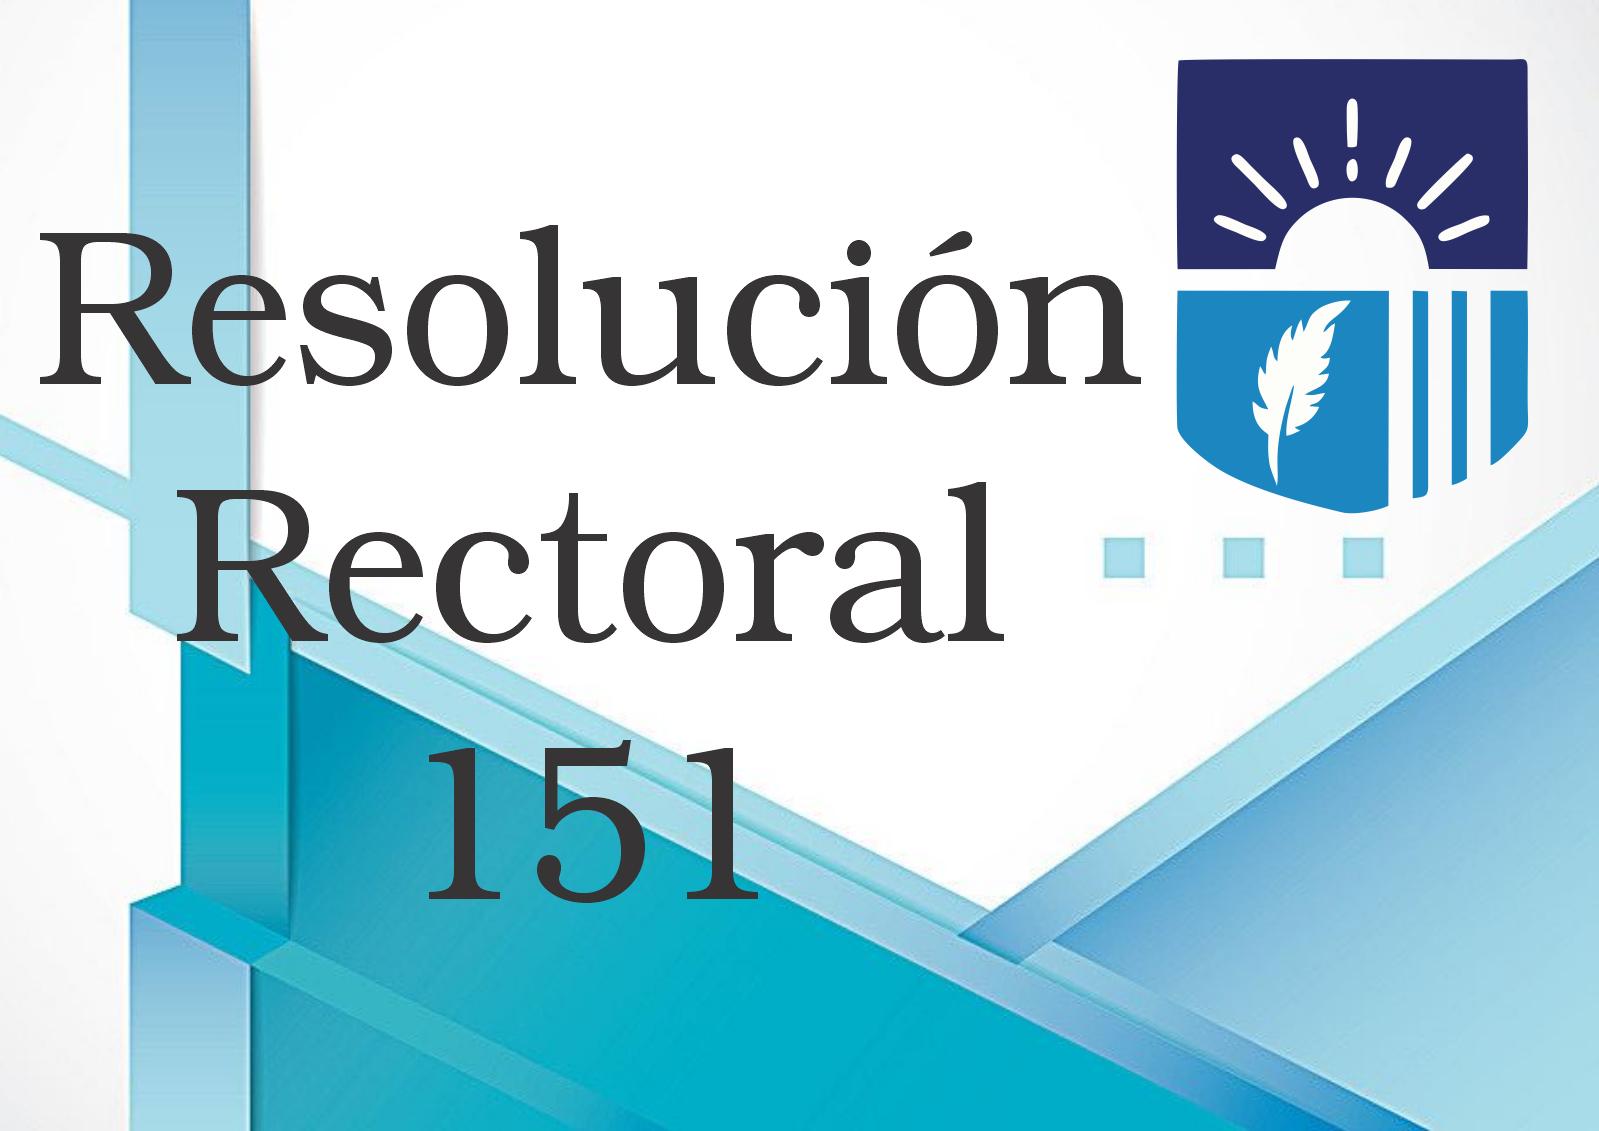 RESOLUCIÓN RECTORAL 151 DE 2020